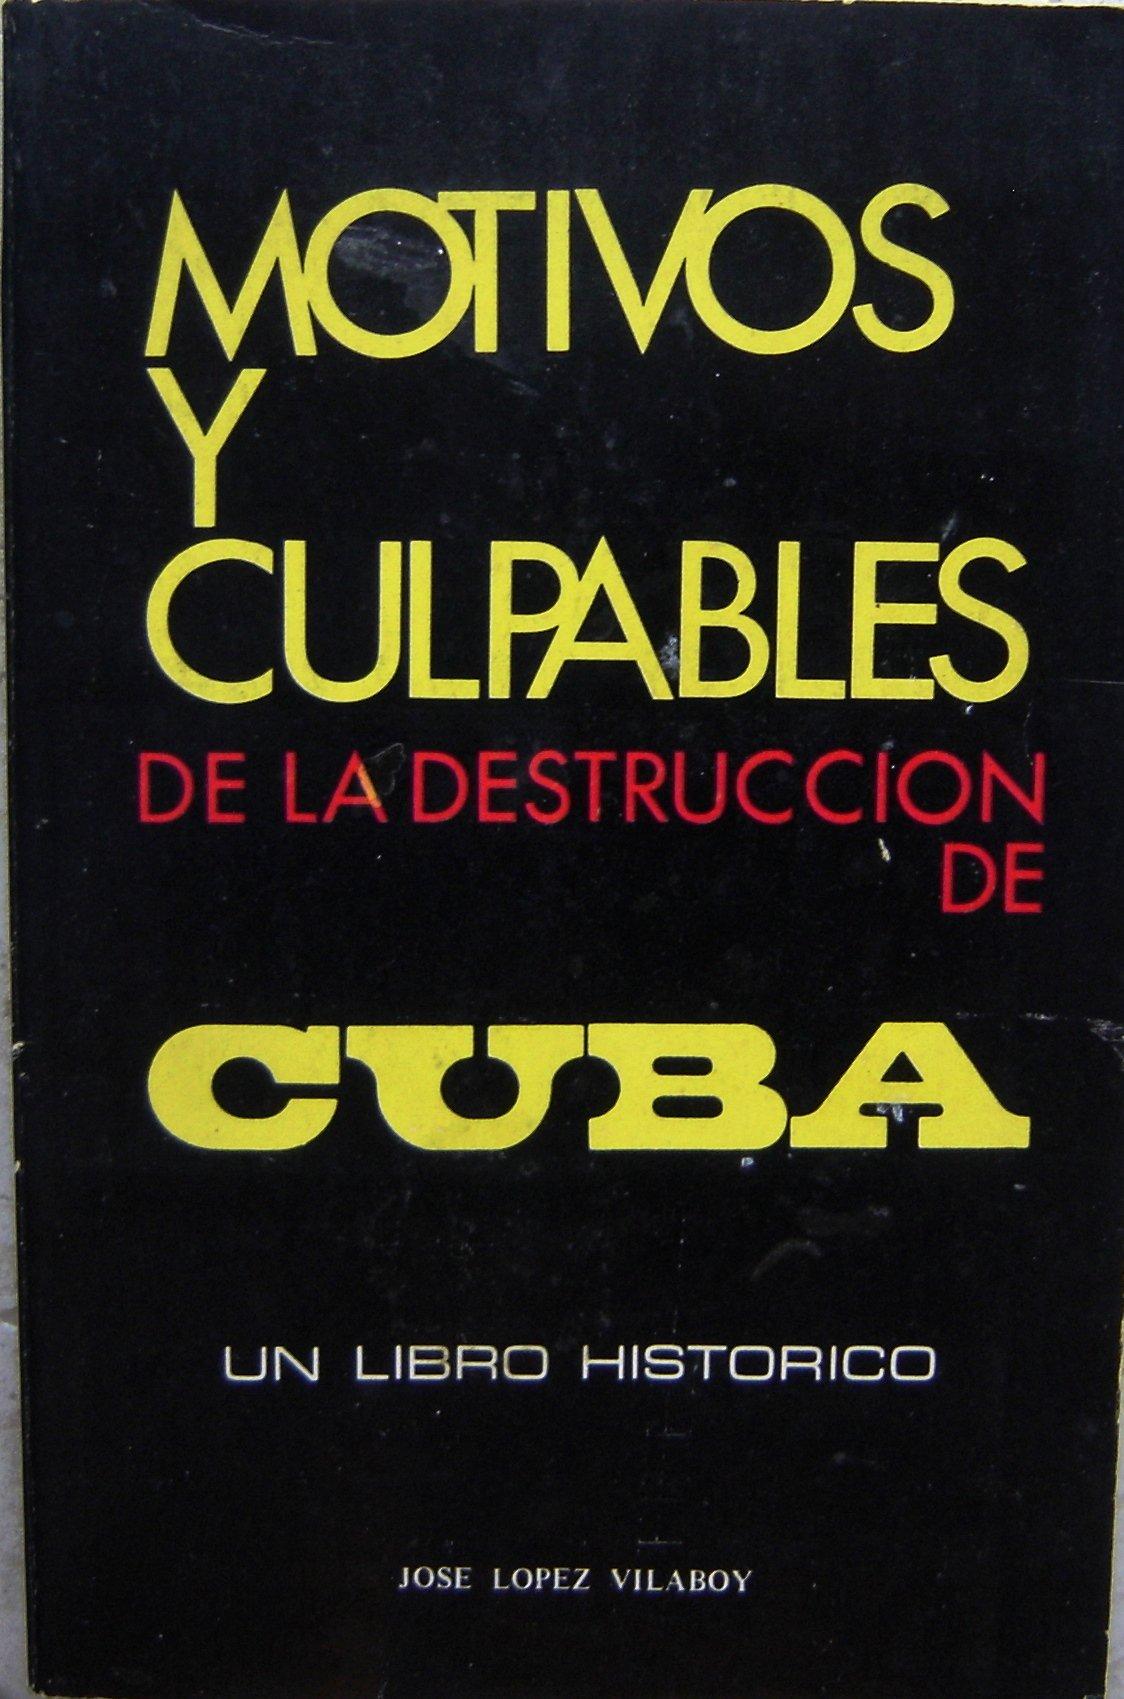 Motivos y Culpables de la Destruccion de Cuba (Spanish) Paperback – 1973